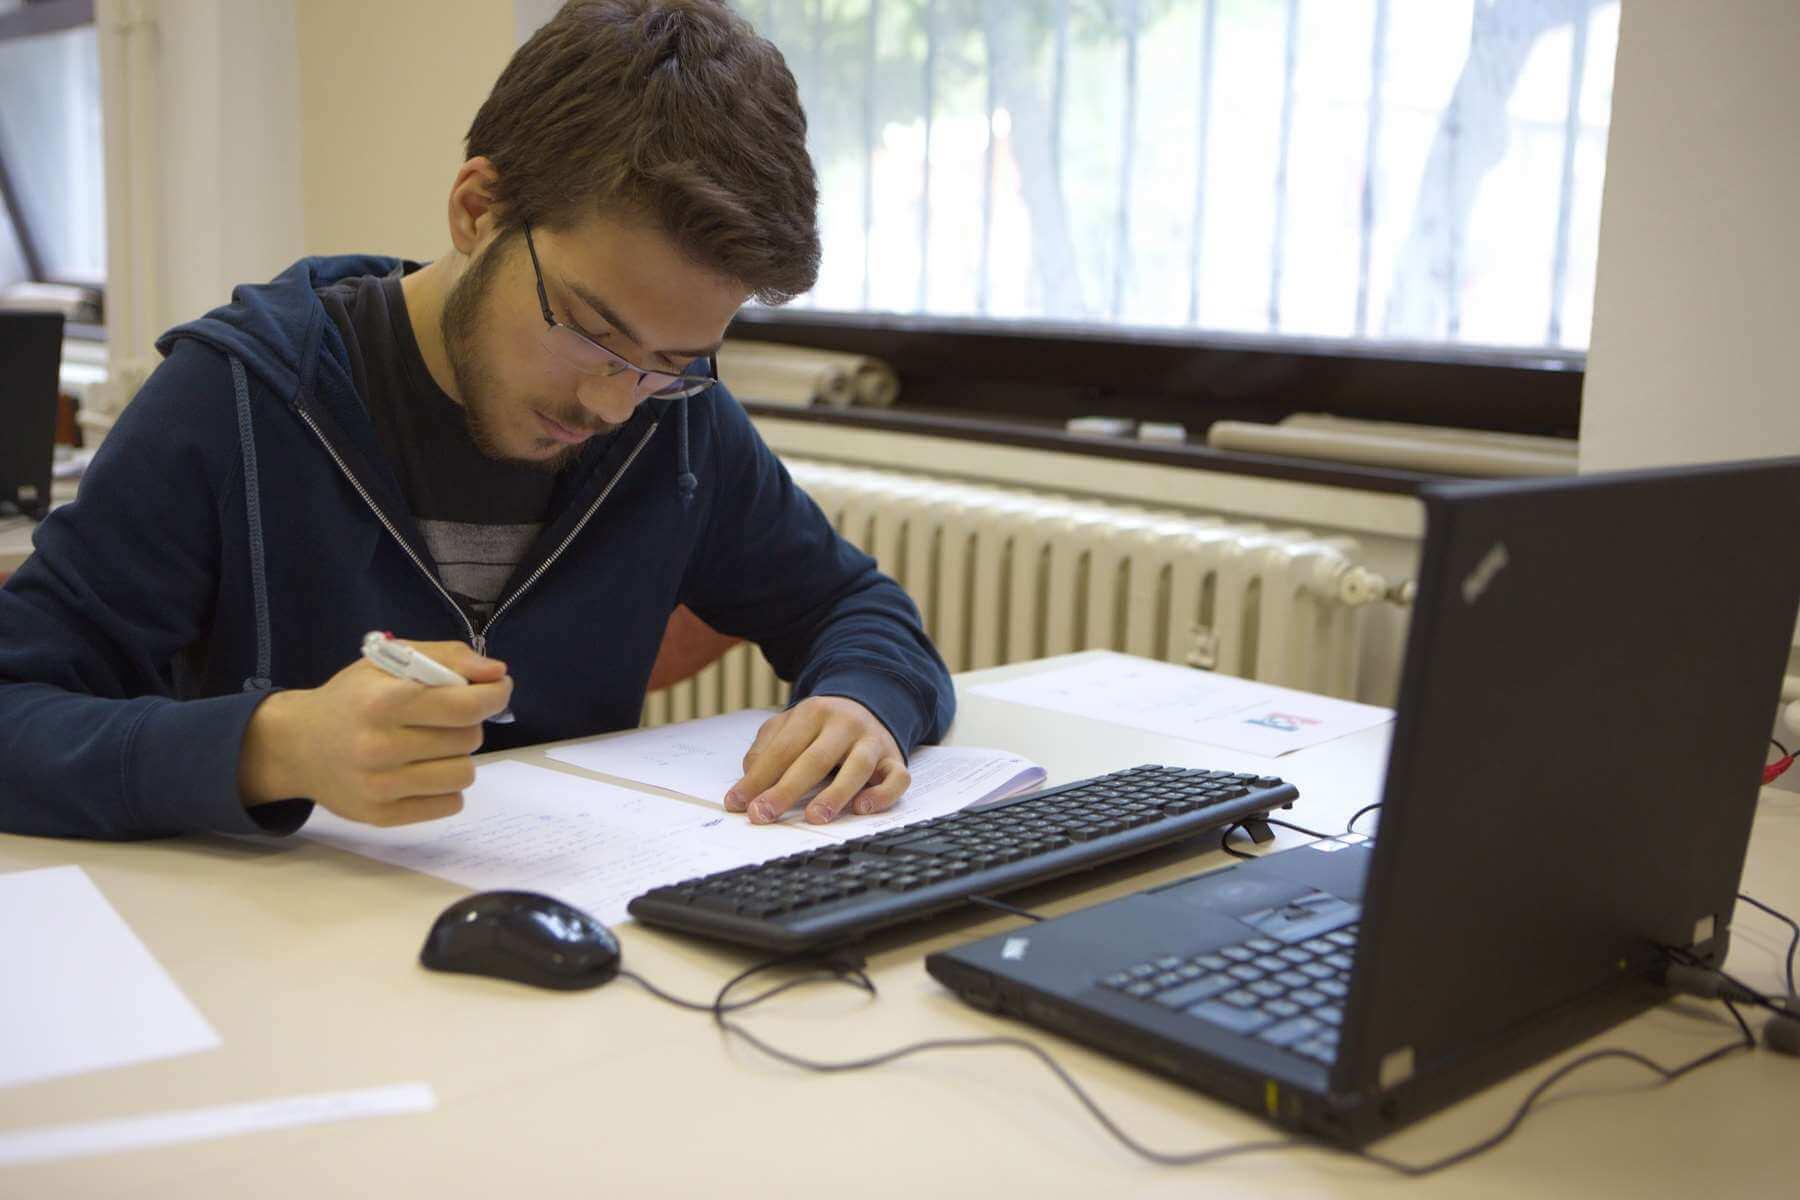 Matematički entuzijast Adrian osvajač je 5 Oskara znanja: Želja mi je upisati prestižni Cambridge